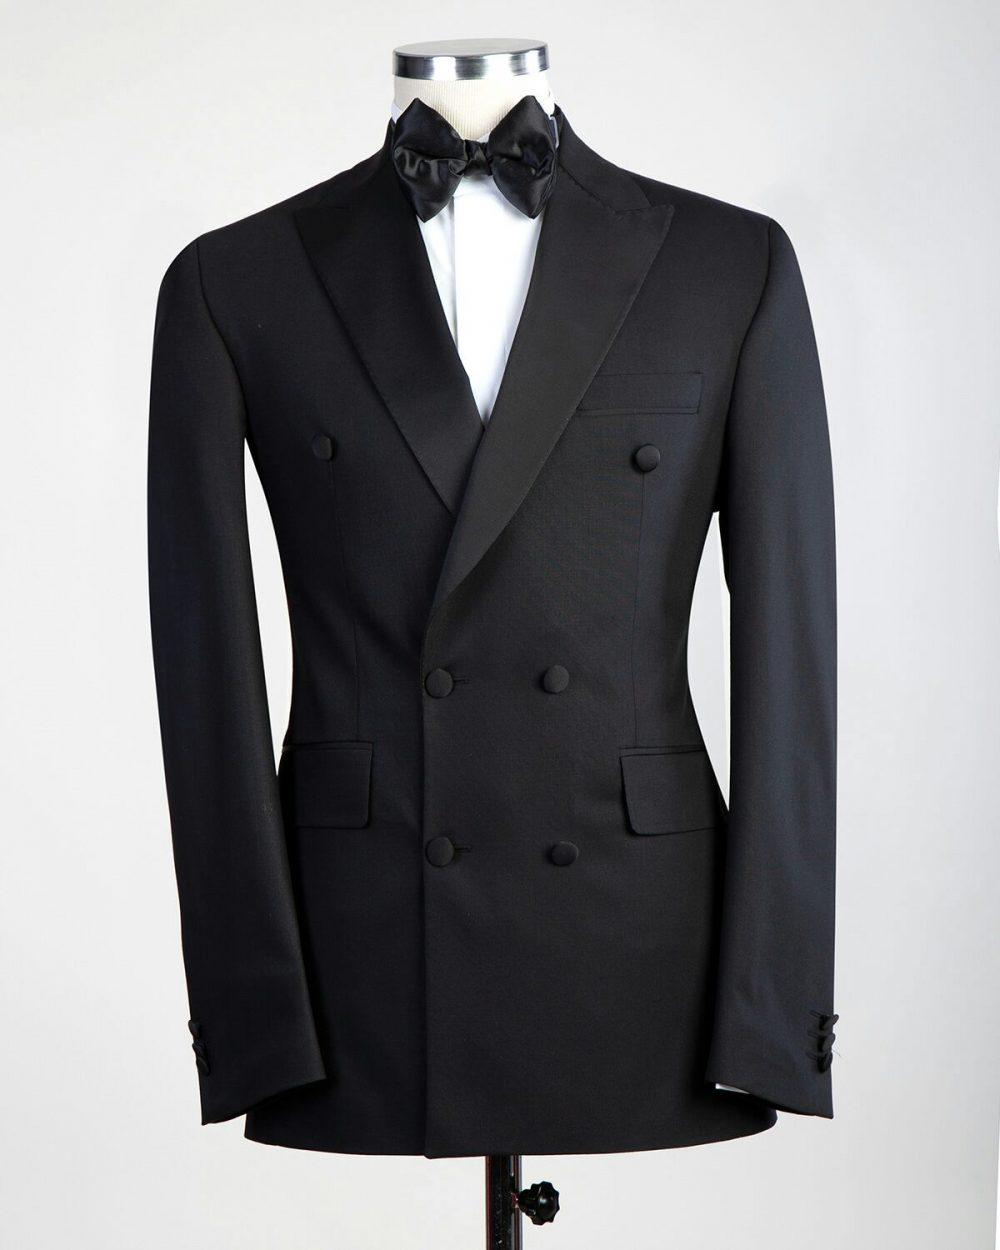 The Aiken Classic Black